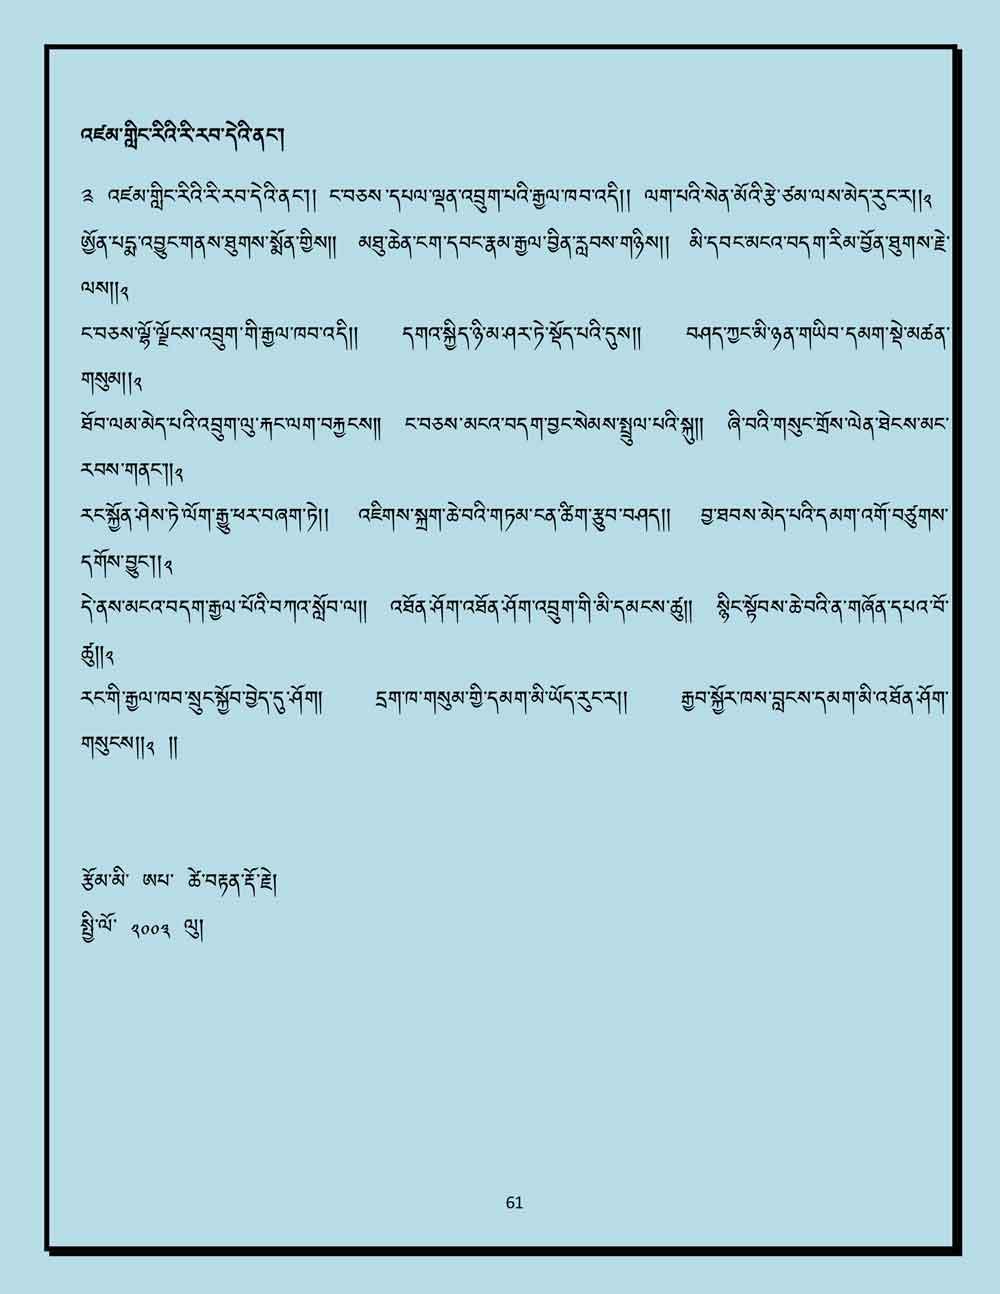 Ap-Tseten-Lyrics-61.jpg